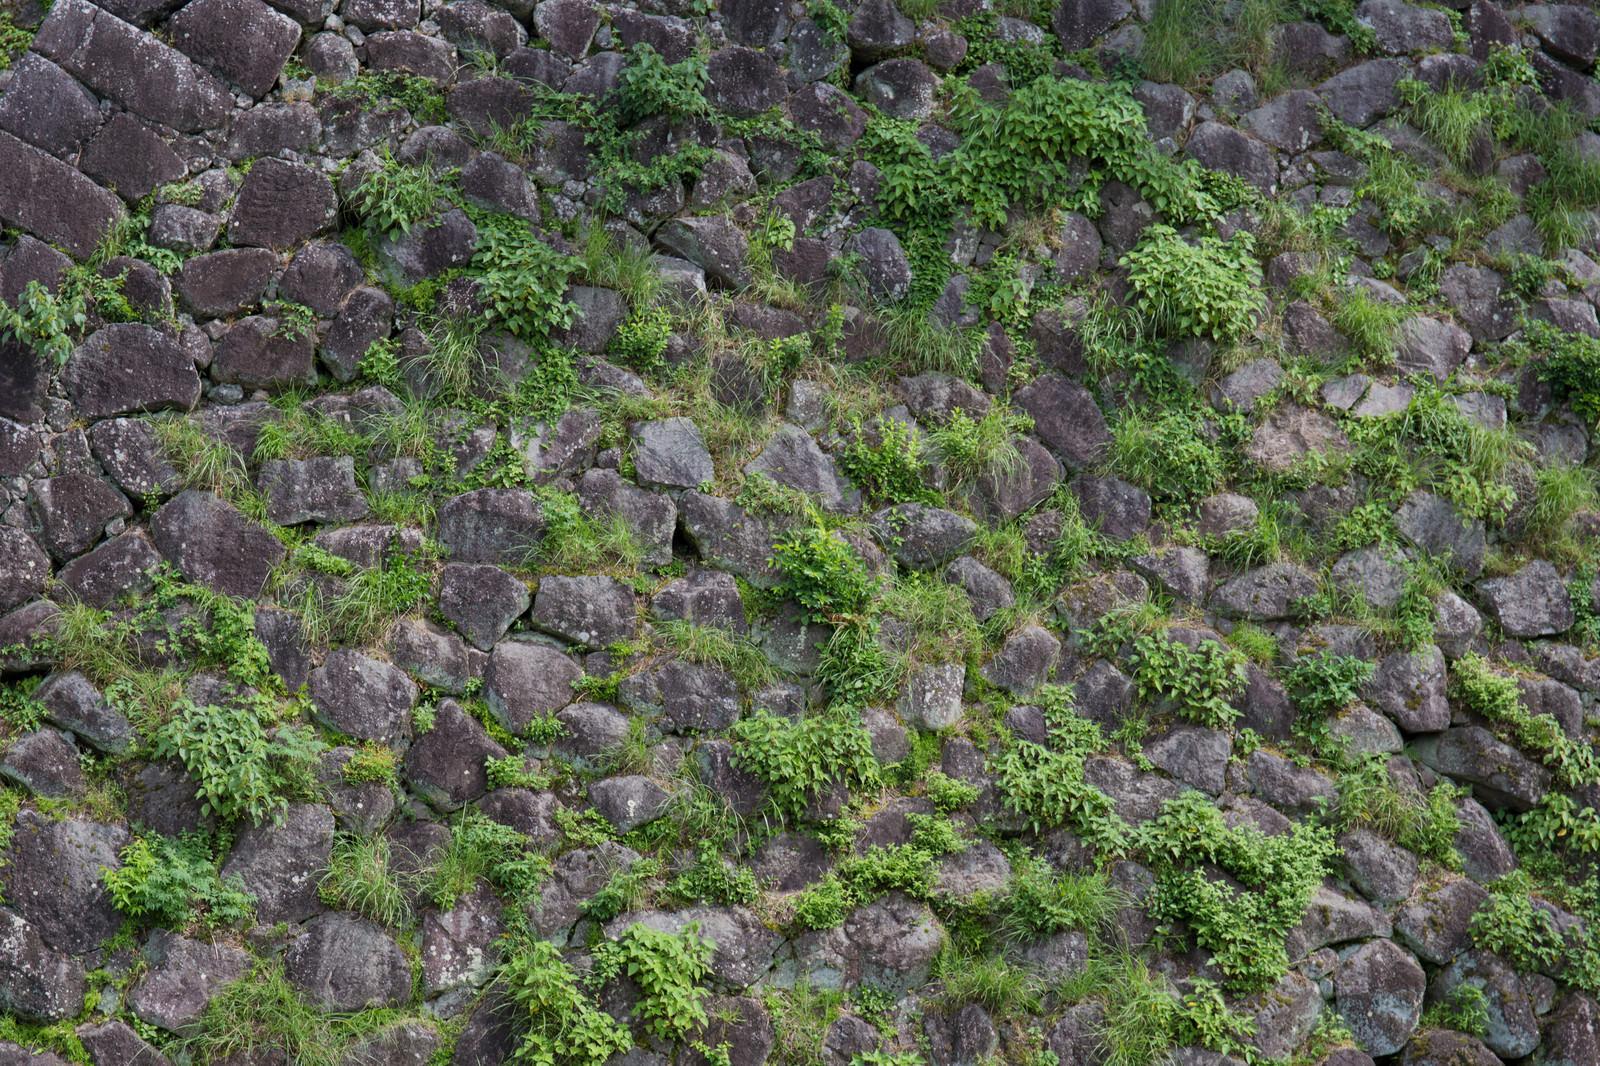 「石垣の間から草が生える」の写真